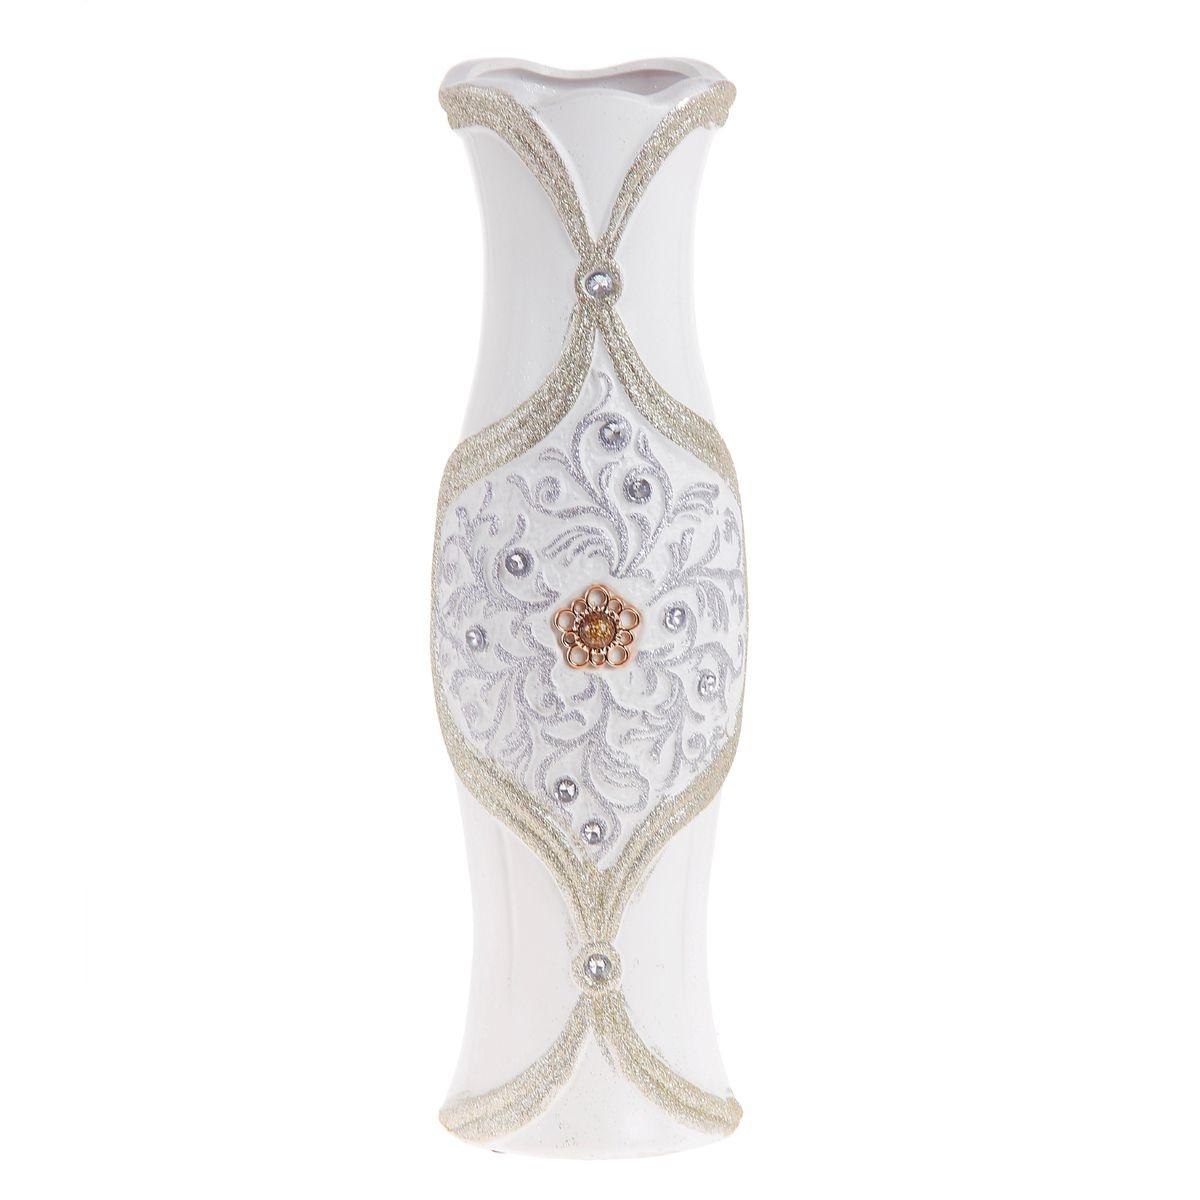 Ваза напольная Sima-land Янтарная брошка, высота 60 см. 91352498298123_черныйНапольная ваза Sima-land Янтарная брошка, выполненная из керамики, станет изысканным украшением интерьера. Она предназначена как для живых, так и для искусственных цветов. Изделие декорировано блестками и стразами. Интересная форма и необычное оформление сделают эту вазу замечательным украшением интерьера. Любое помещение выглядит незавершенным без правильно расположенных предметов интерьера. Они помогают создать уют, расставить акценты, подчеркнуть достоинства или скрыть недостатки.